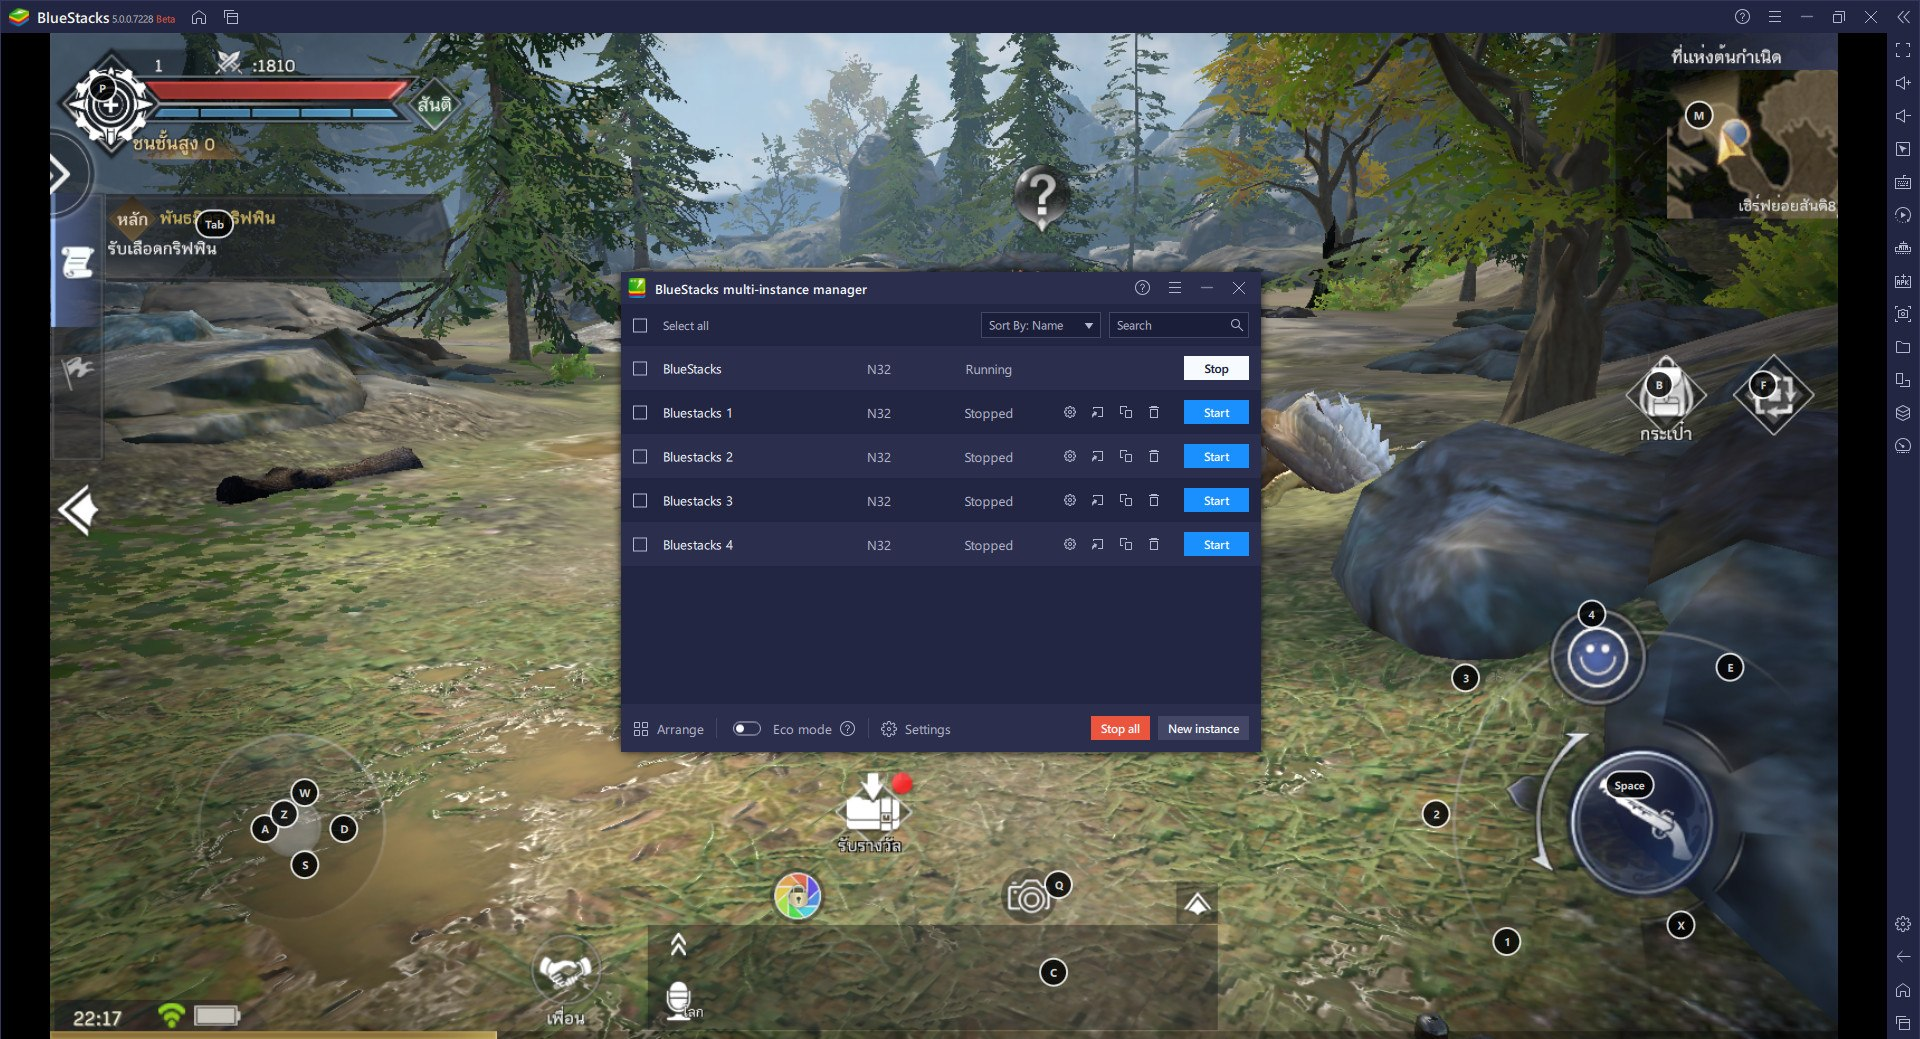 วิธีเล่น Forsaken World: Mobile TH บน PC และ Mac ผ่าน BlueStacks